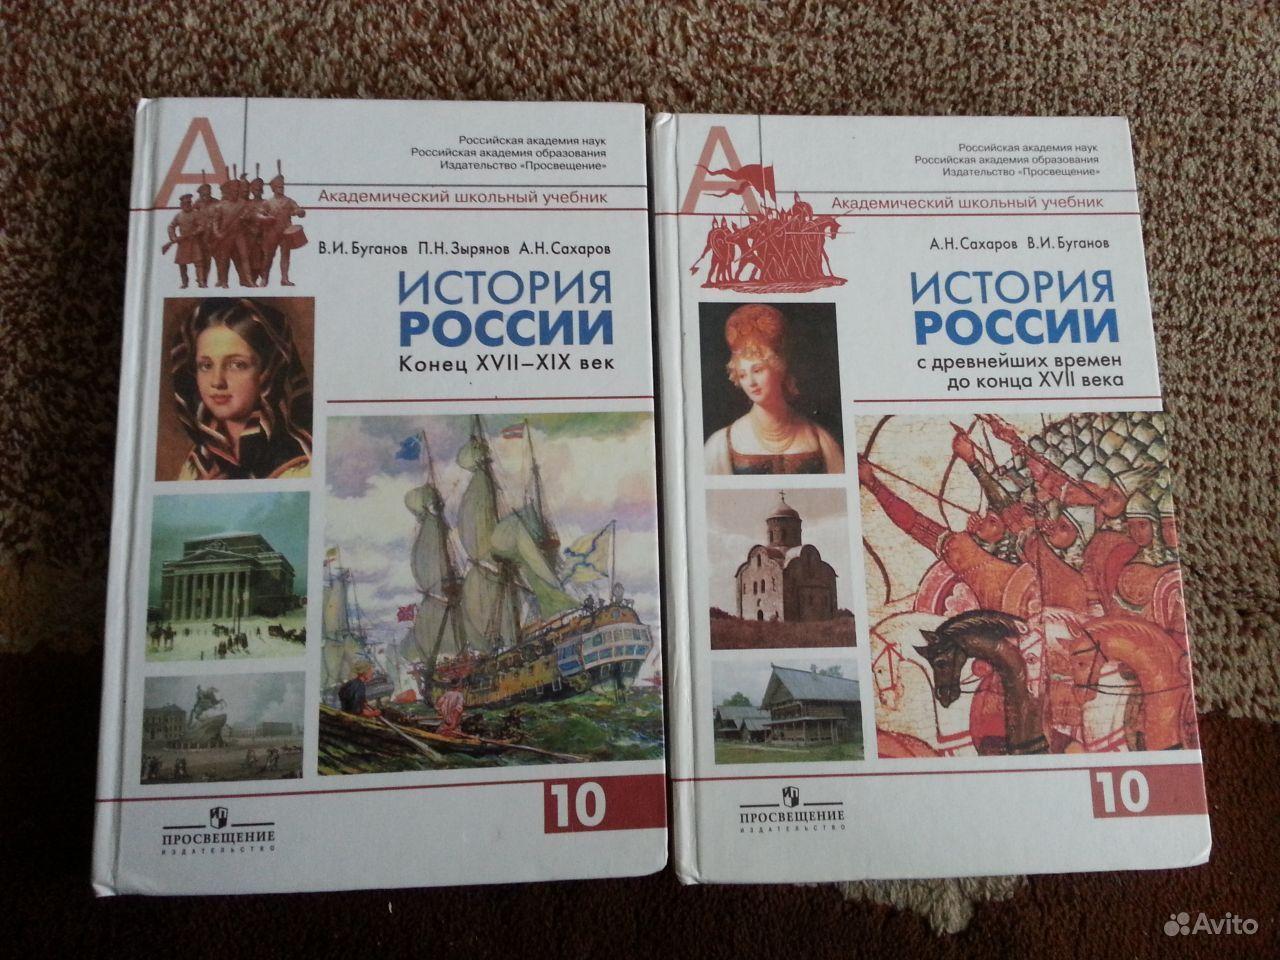 гдз история россии 11 класс ответы